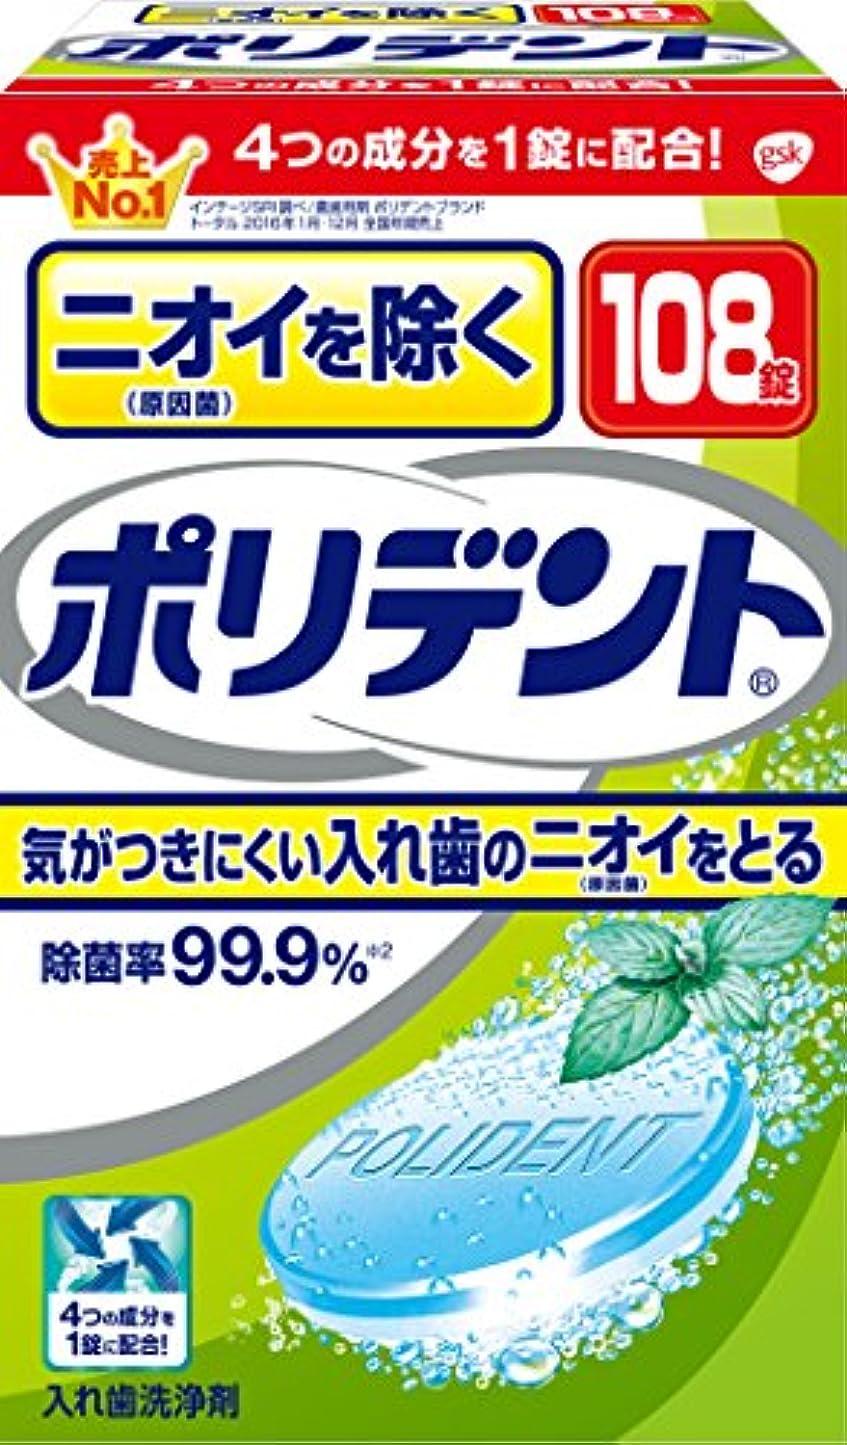 差学んだ抱擁入れ歯洗浄剤 ニオイを除く ポリデント 108錠